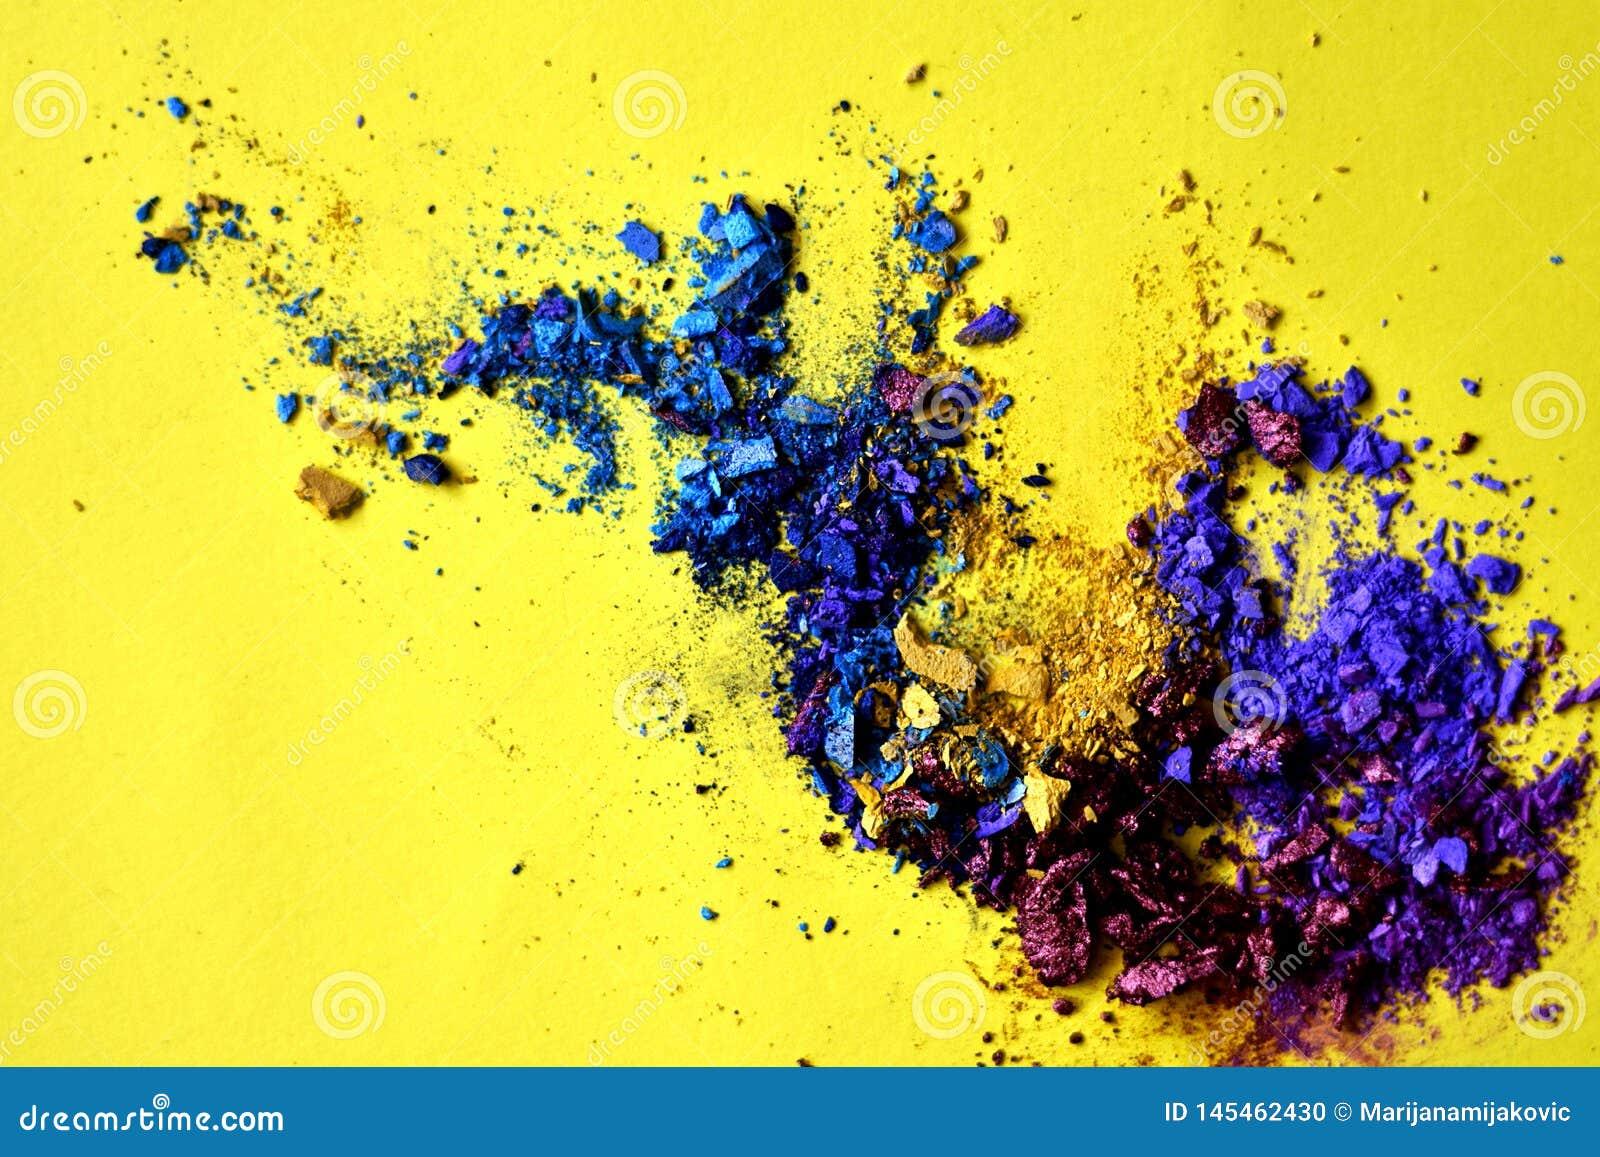 Éclaboussure abstraite de poudre bleue et pourpre sur le fond jaune